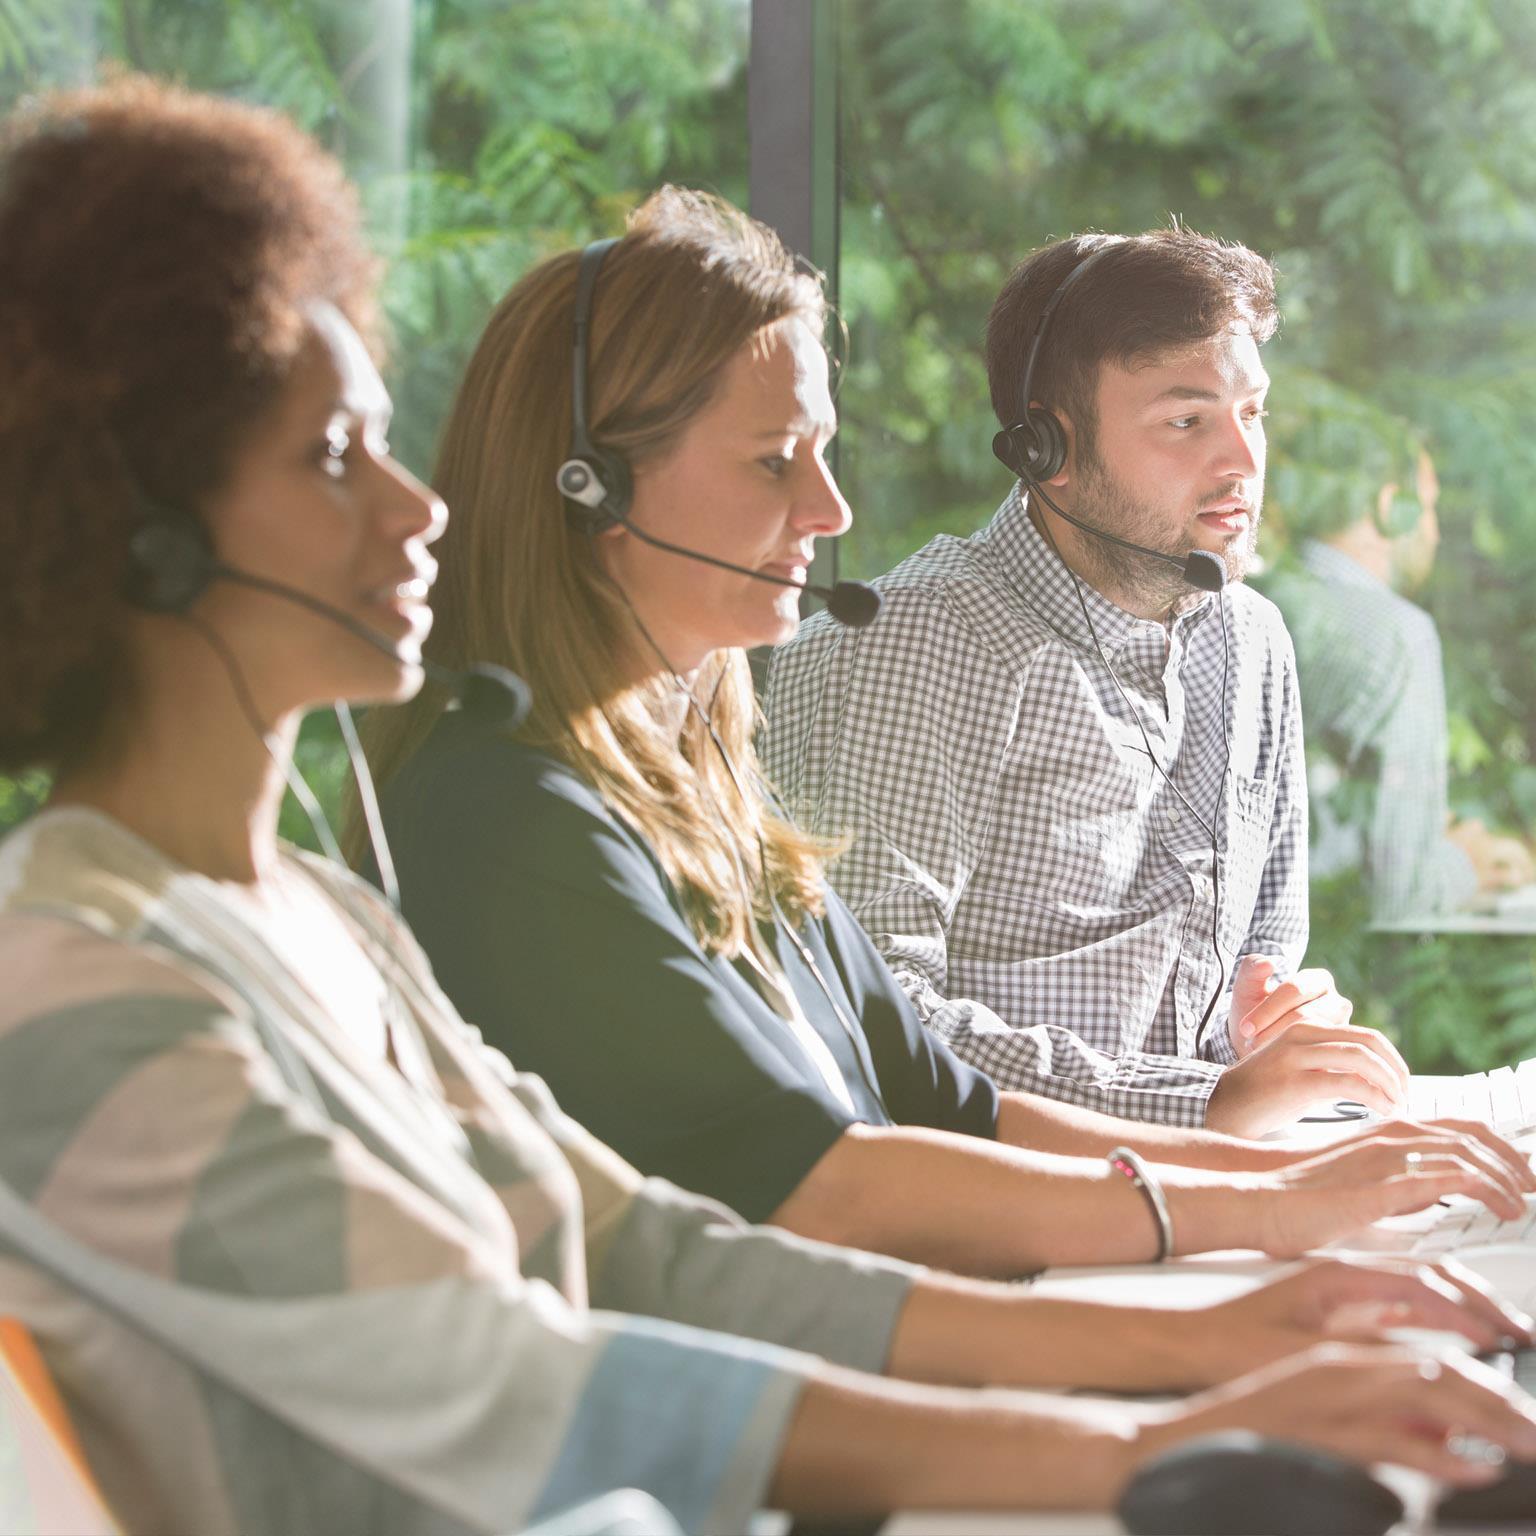 Rẻ hơn, đơn giản hơn, tốt hơn cho khách hàng: Outsourcing không cần đánh đổi